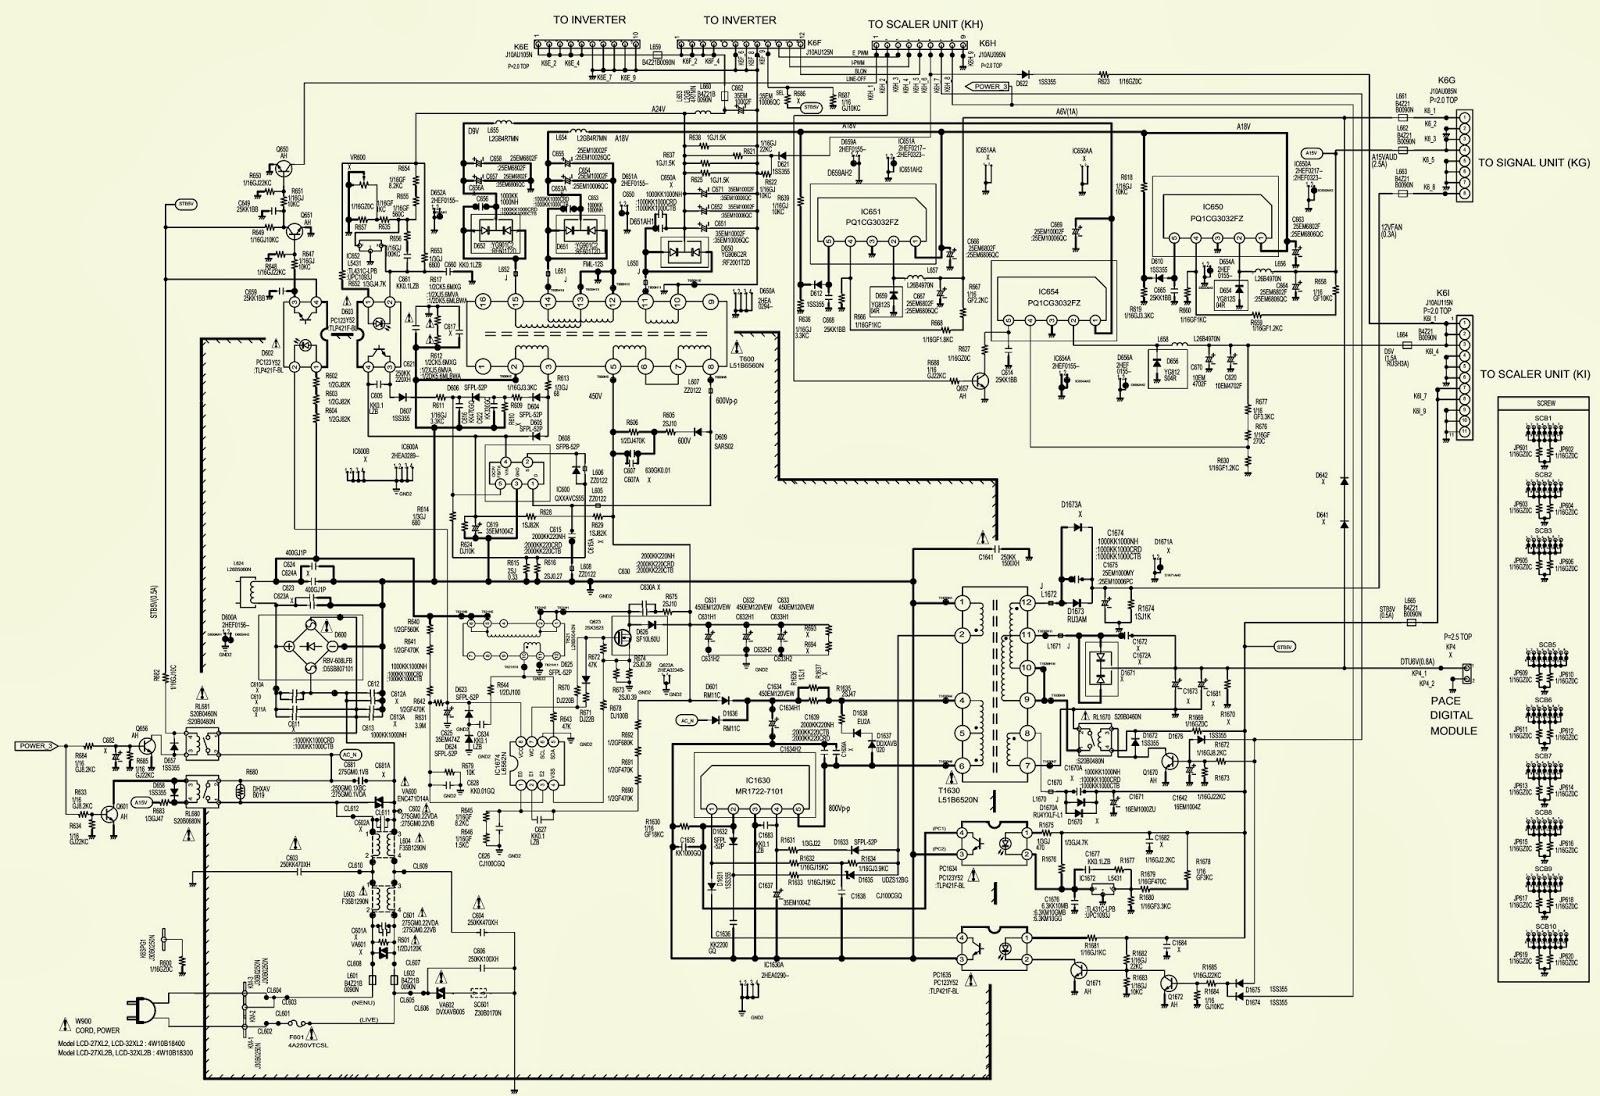 schematic diagram wire engine schematic sanyo schematic diagram sanyo lcd-27xl2 – lcd32xl2 - power supply schematic ... #4